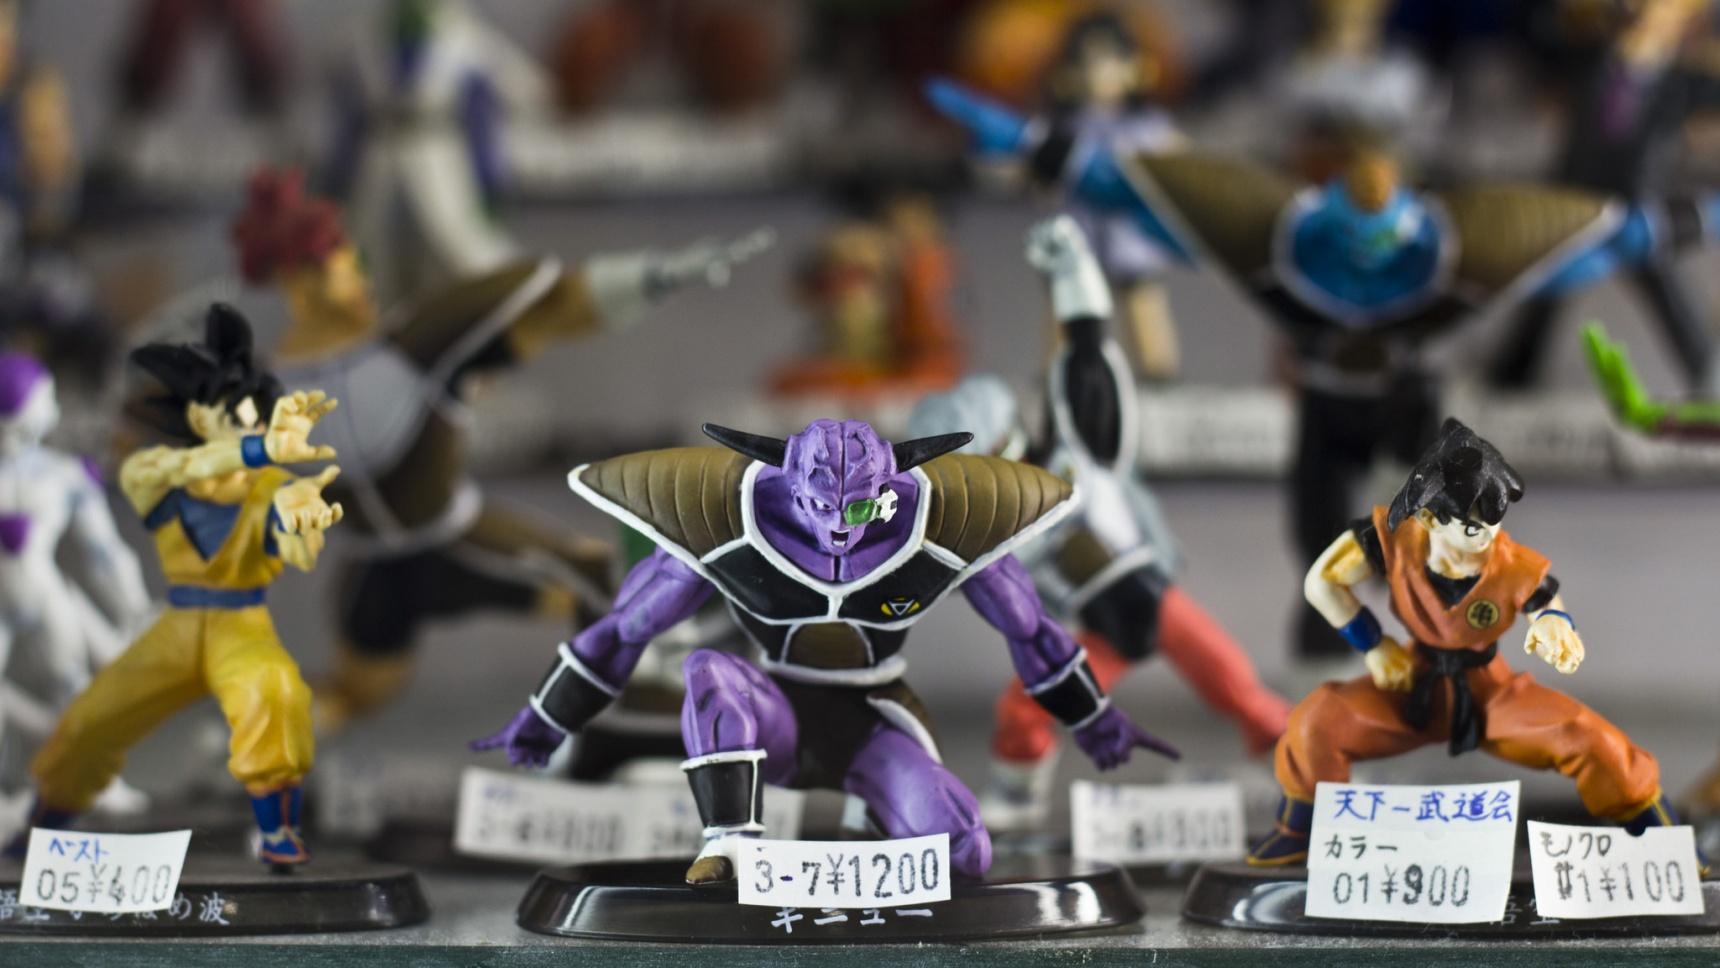 致那些无可救药的收集癖患者,遍寻日本7个最能淘到好玩具的地方